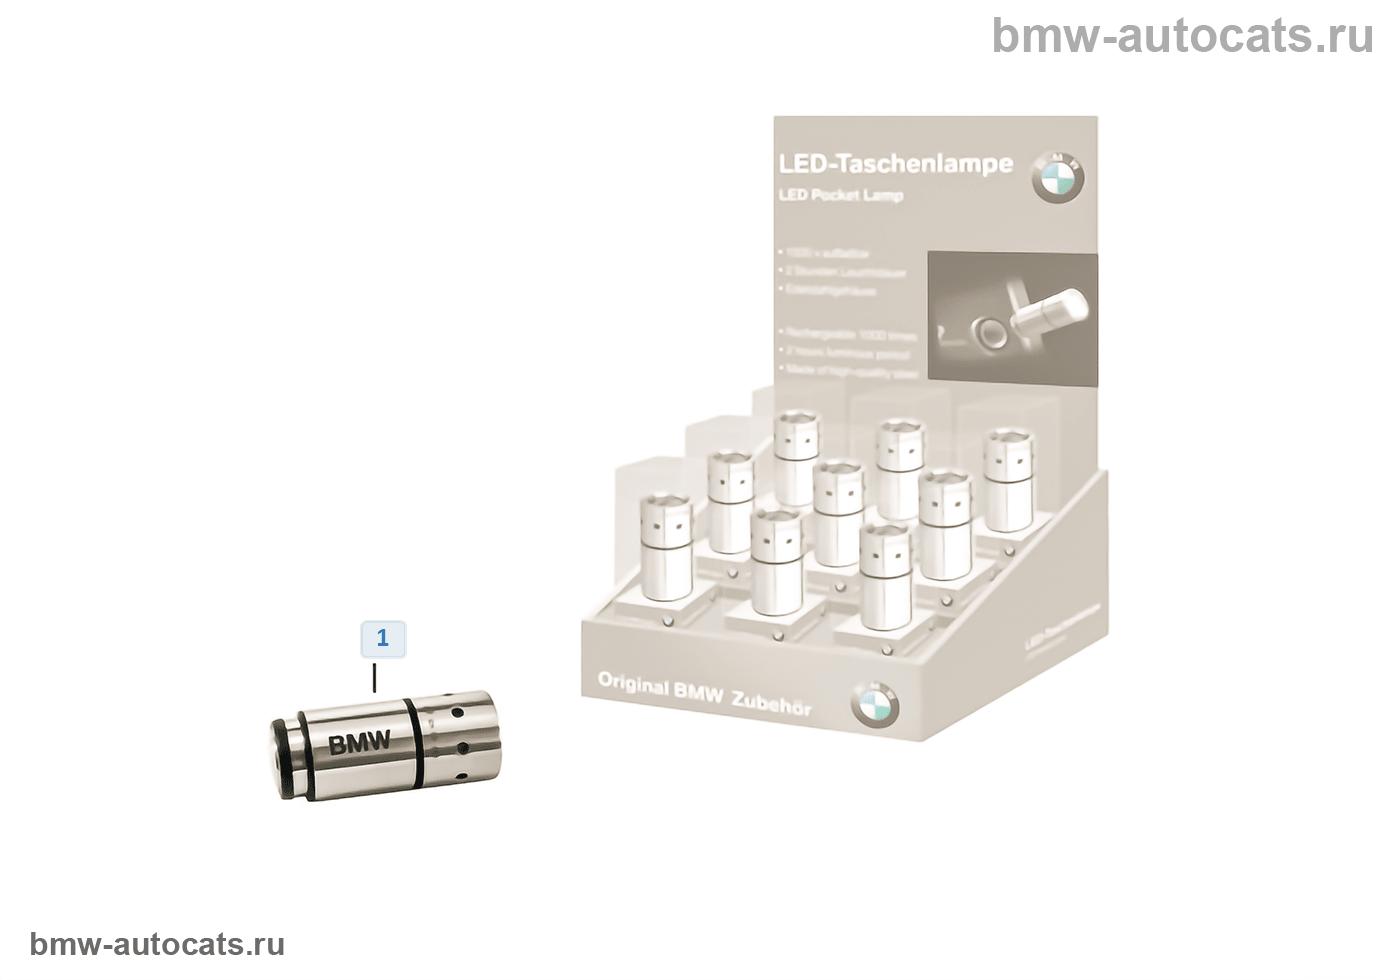 Светодиодный карманный фонарь BMW